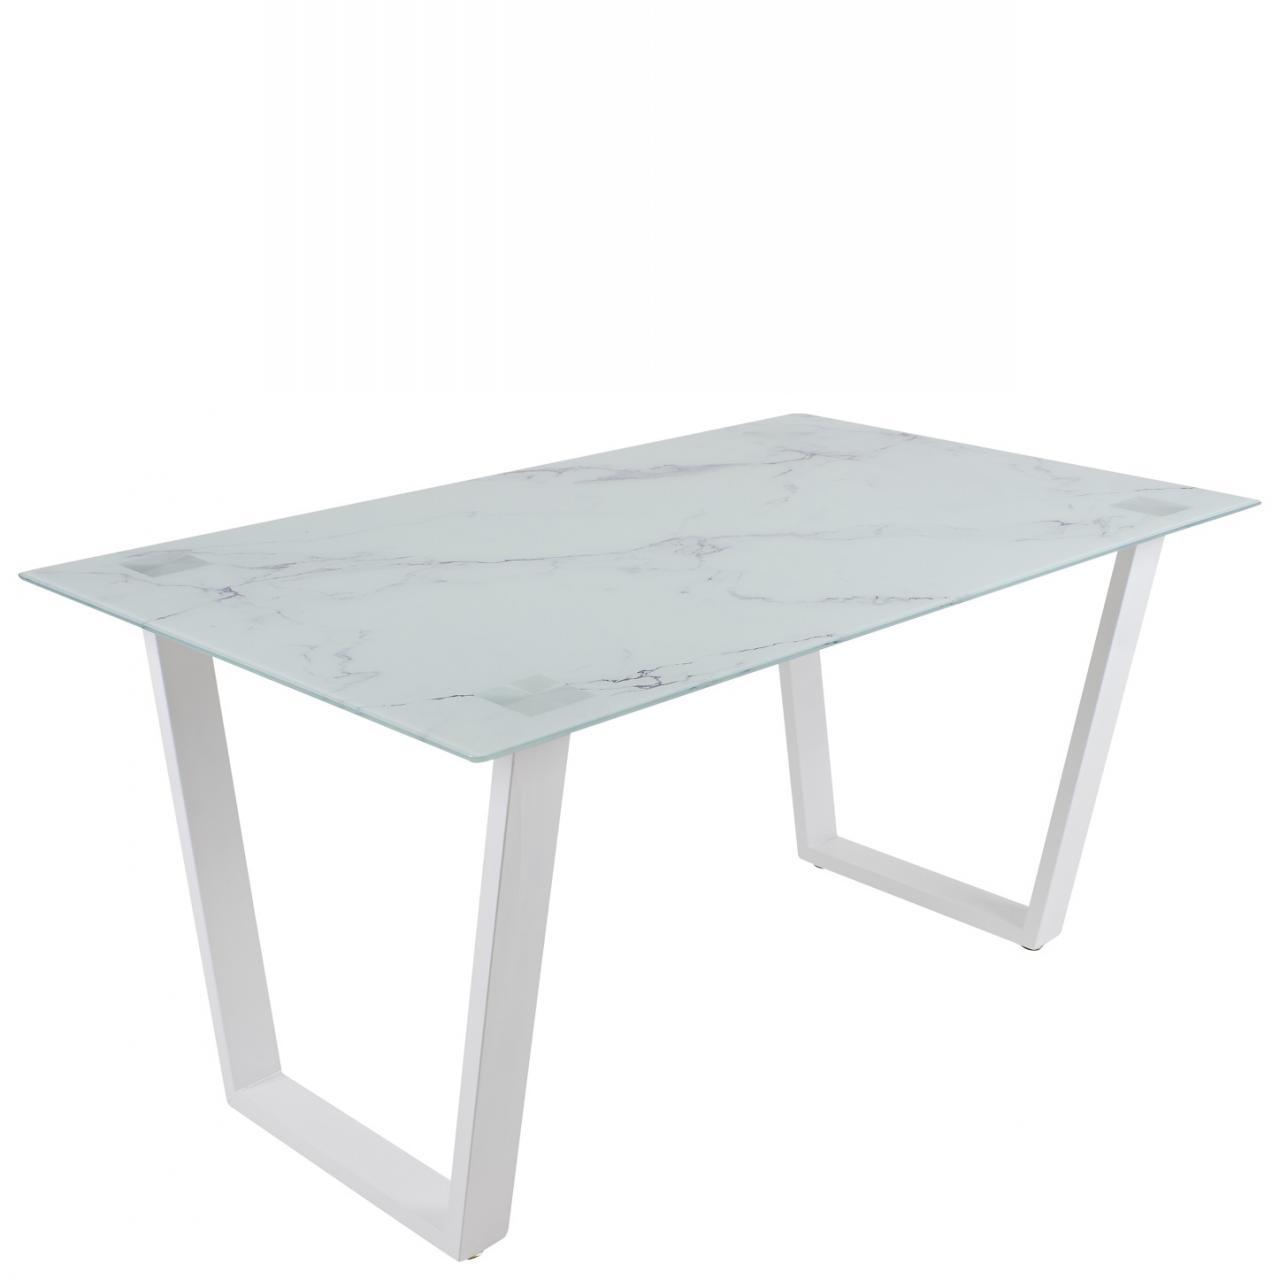 Esstisch Paolo Weiß Lackiert Marmorlook Glas Küchentisch Esszimmer Tisch 150 x 76 x 90 cm